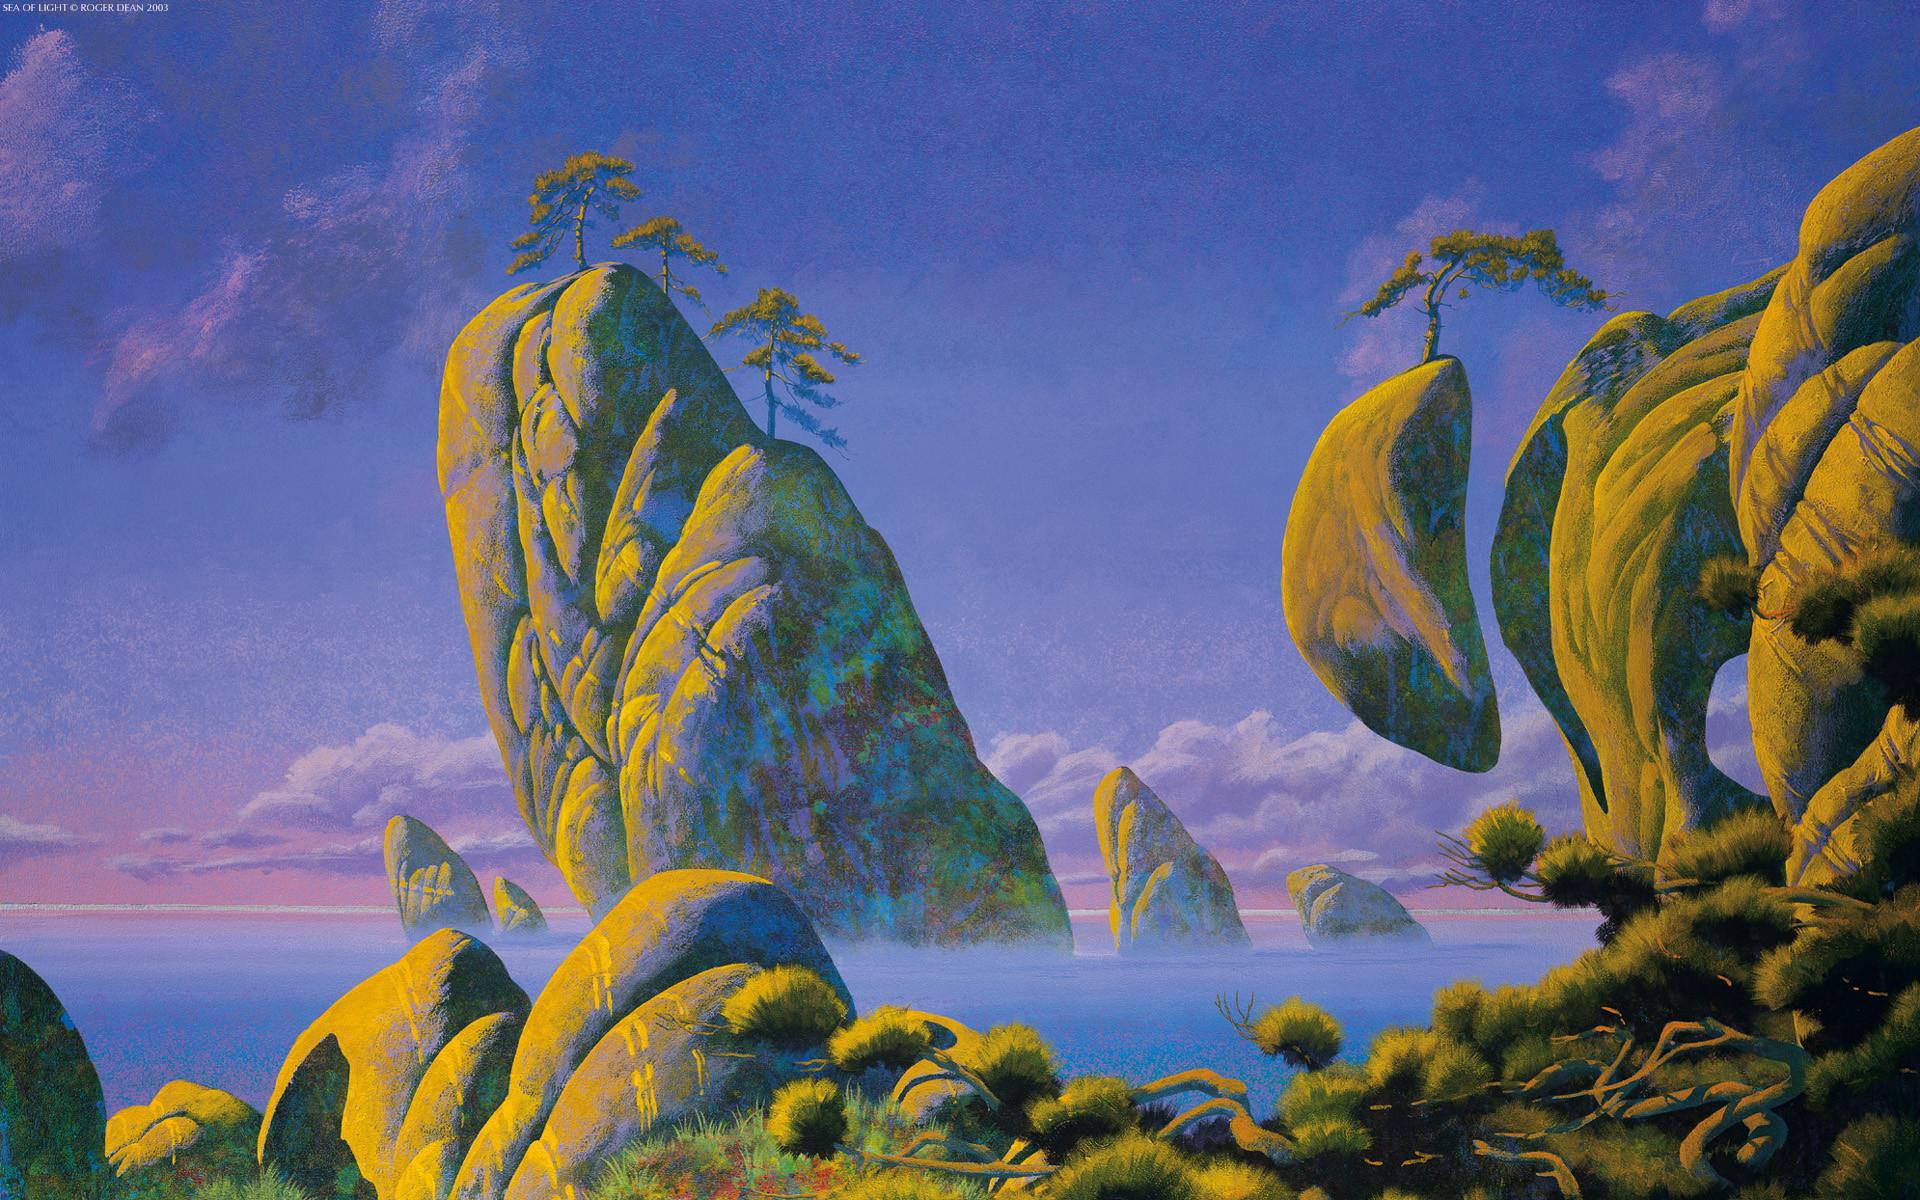 Trippy Landscape Wallpaper 61 Pictures